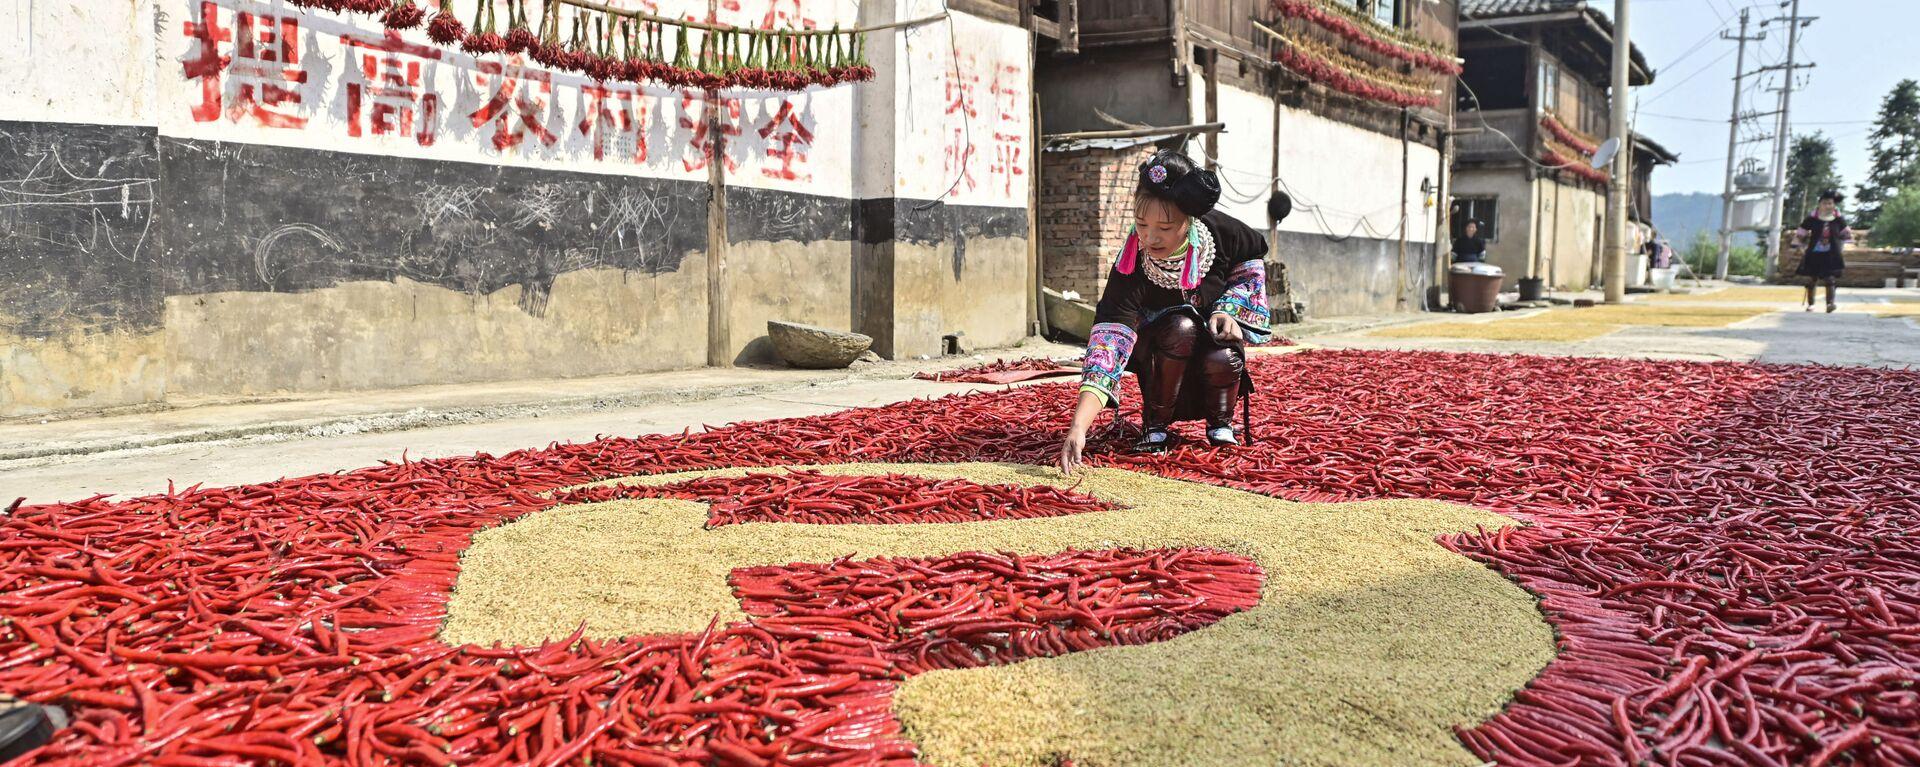 Cô gái làm lá cờ của Đảng Cộng sản Trung Quốc bằng ngô và ớt bột ở tỉnh Quý Châu, Tây Nam Trung Quốc. - Sputnik Việt Nam, 1920, 24.09.2021